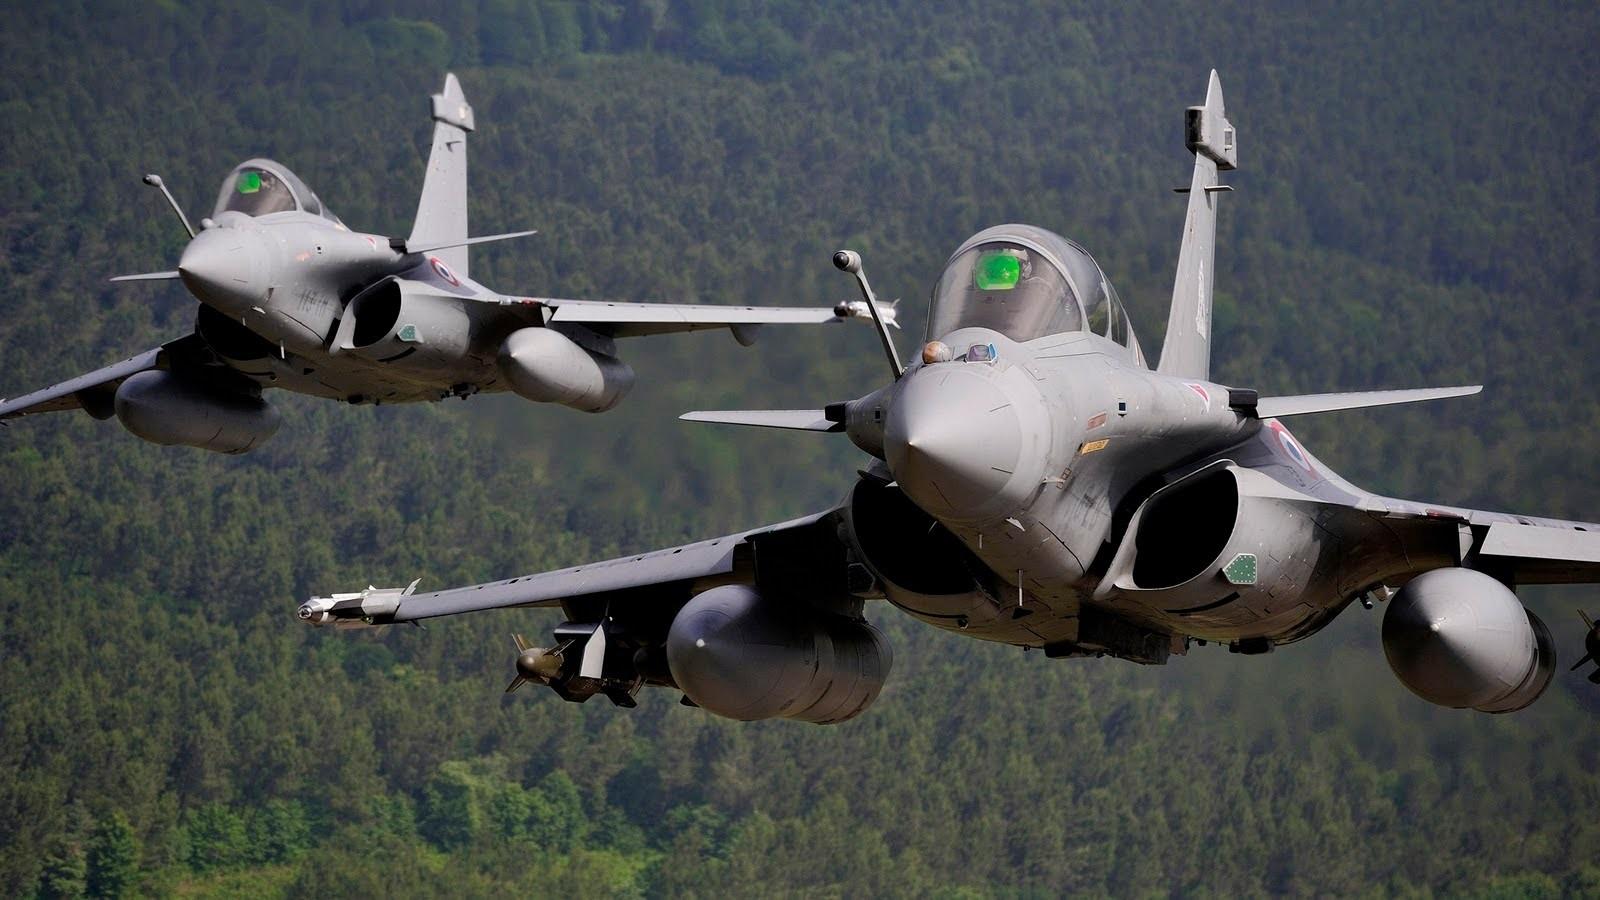 Fondos De Pantalla Vehículo Aeronave Militar Dassault